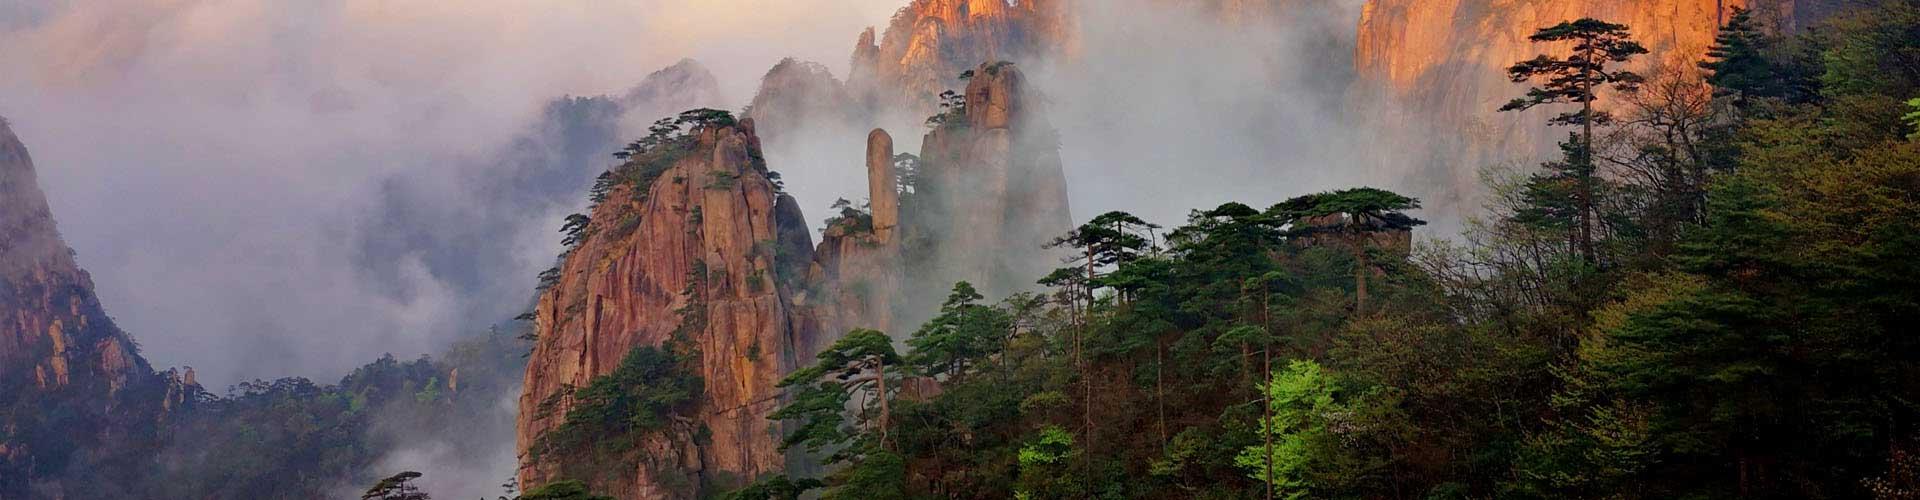 montagne Huangshan